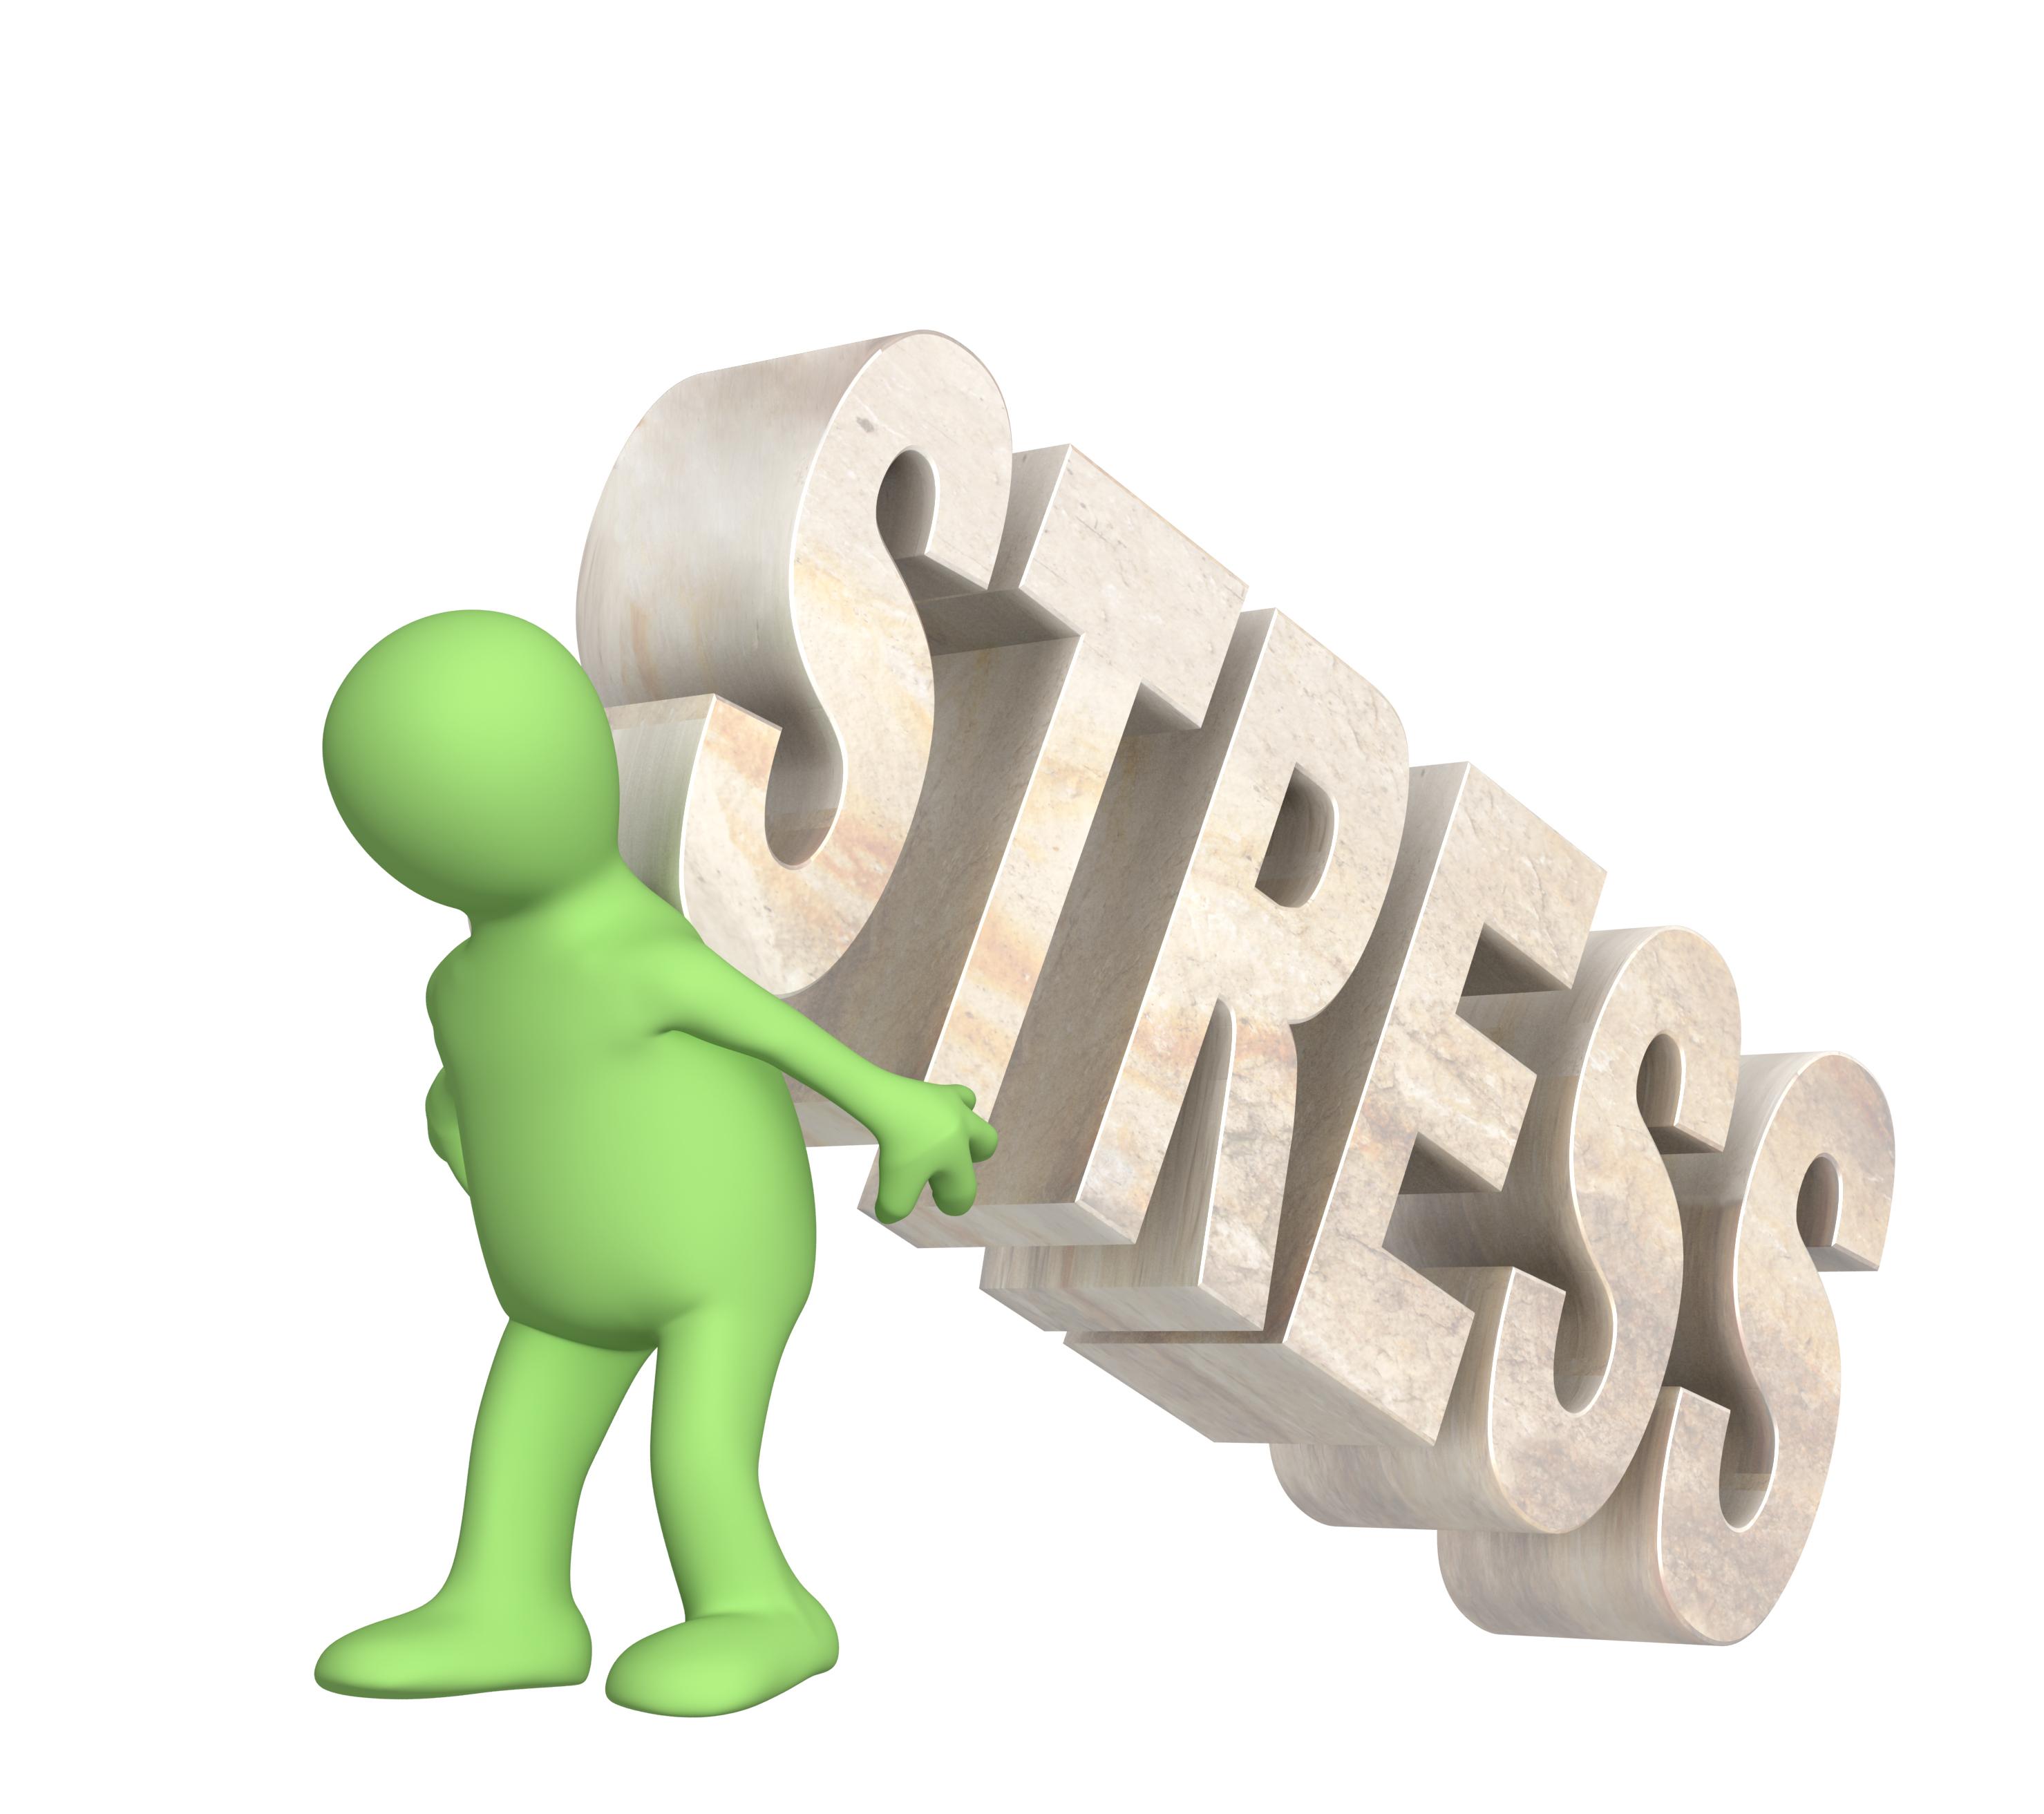 """Résultat de recherche d'images pour """"images stress"""""""